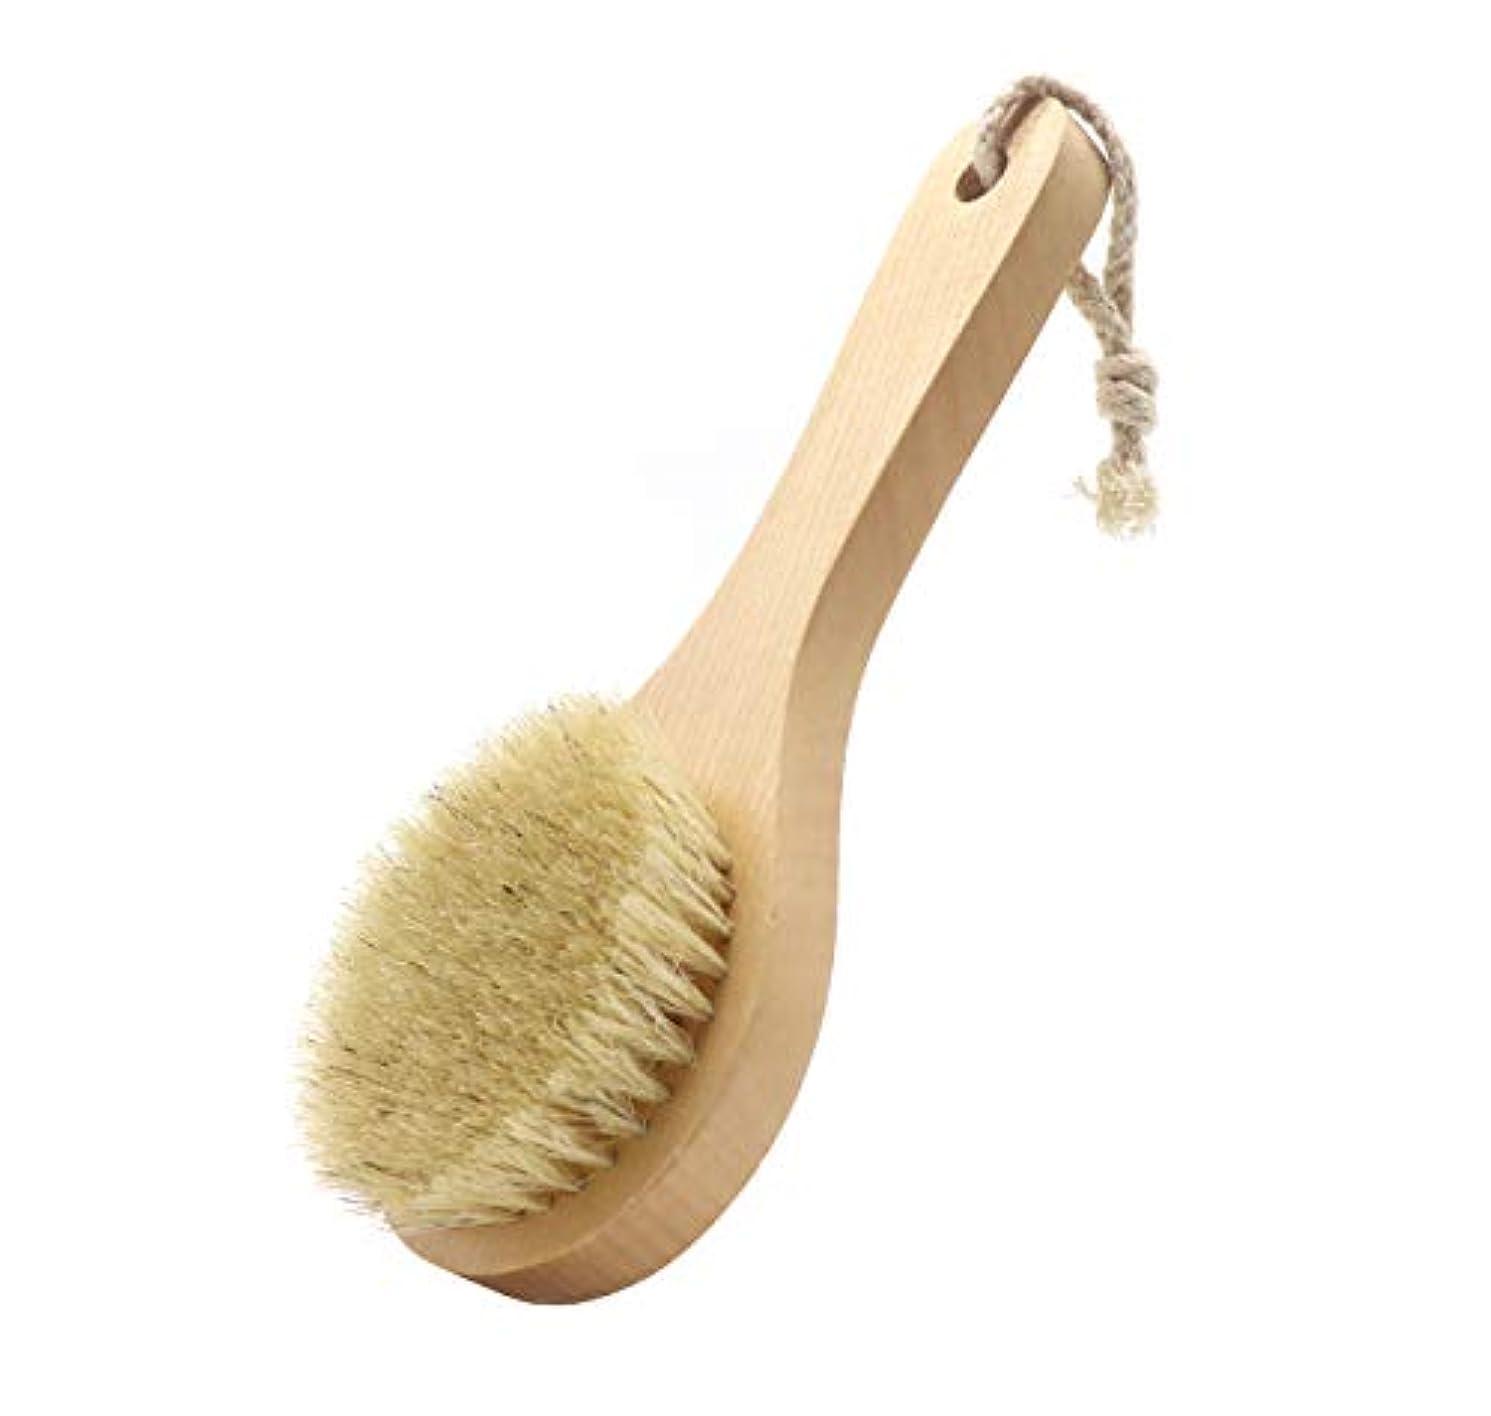 サーキットに行く資金軍団Maltose ボディブラシ 豚毛100% 木製 天然素材 短柄 硬め 足を洗う 体洗いブラシ 角質除去 美肌 お風呂グッズ (B:20 * 8CM)